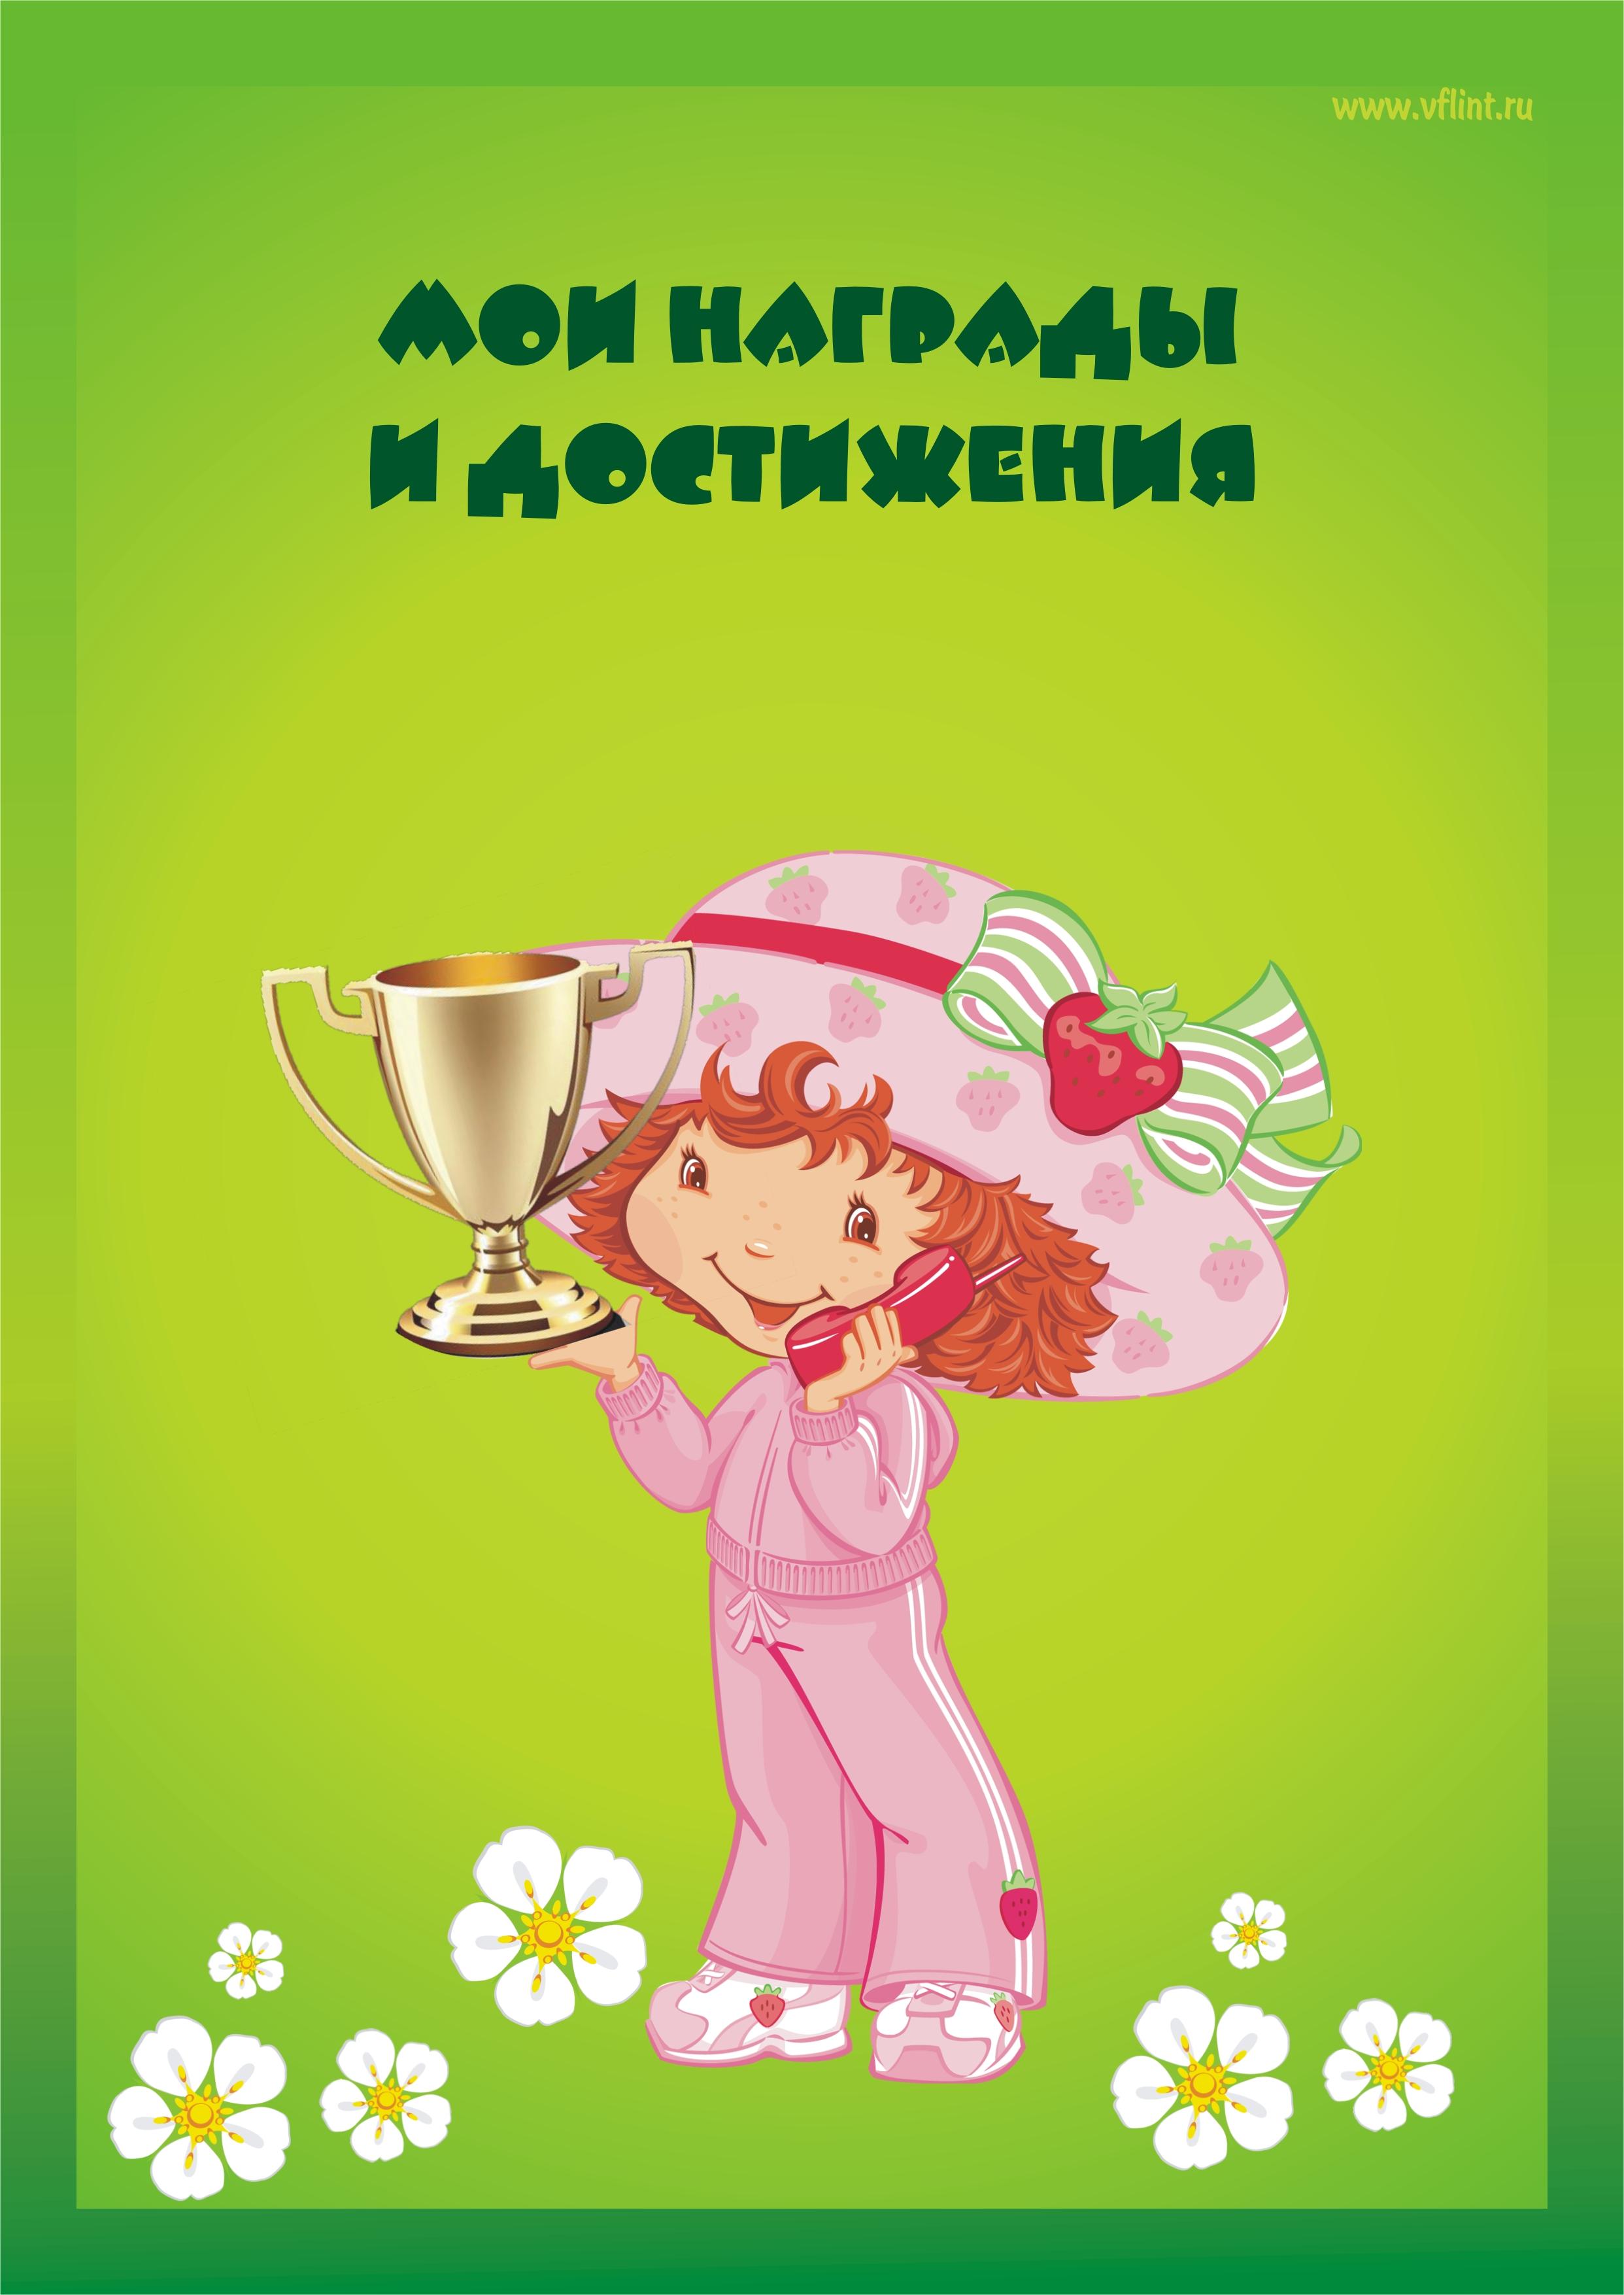 Портфолио своими руками для девочки в детский сад